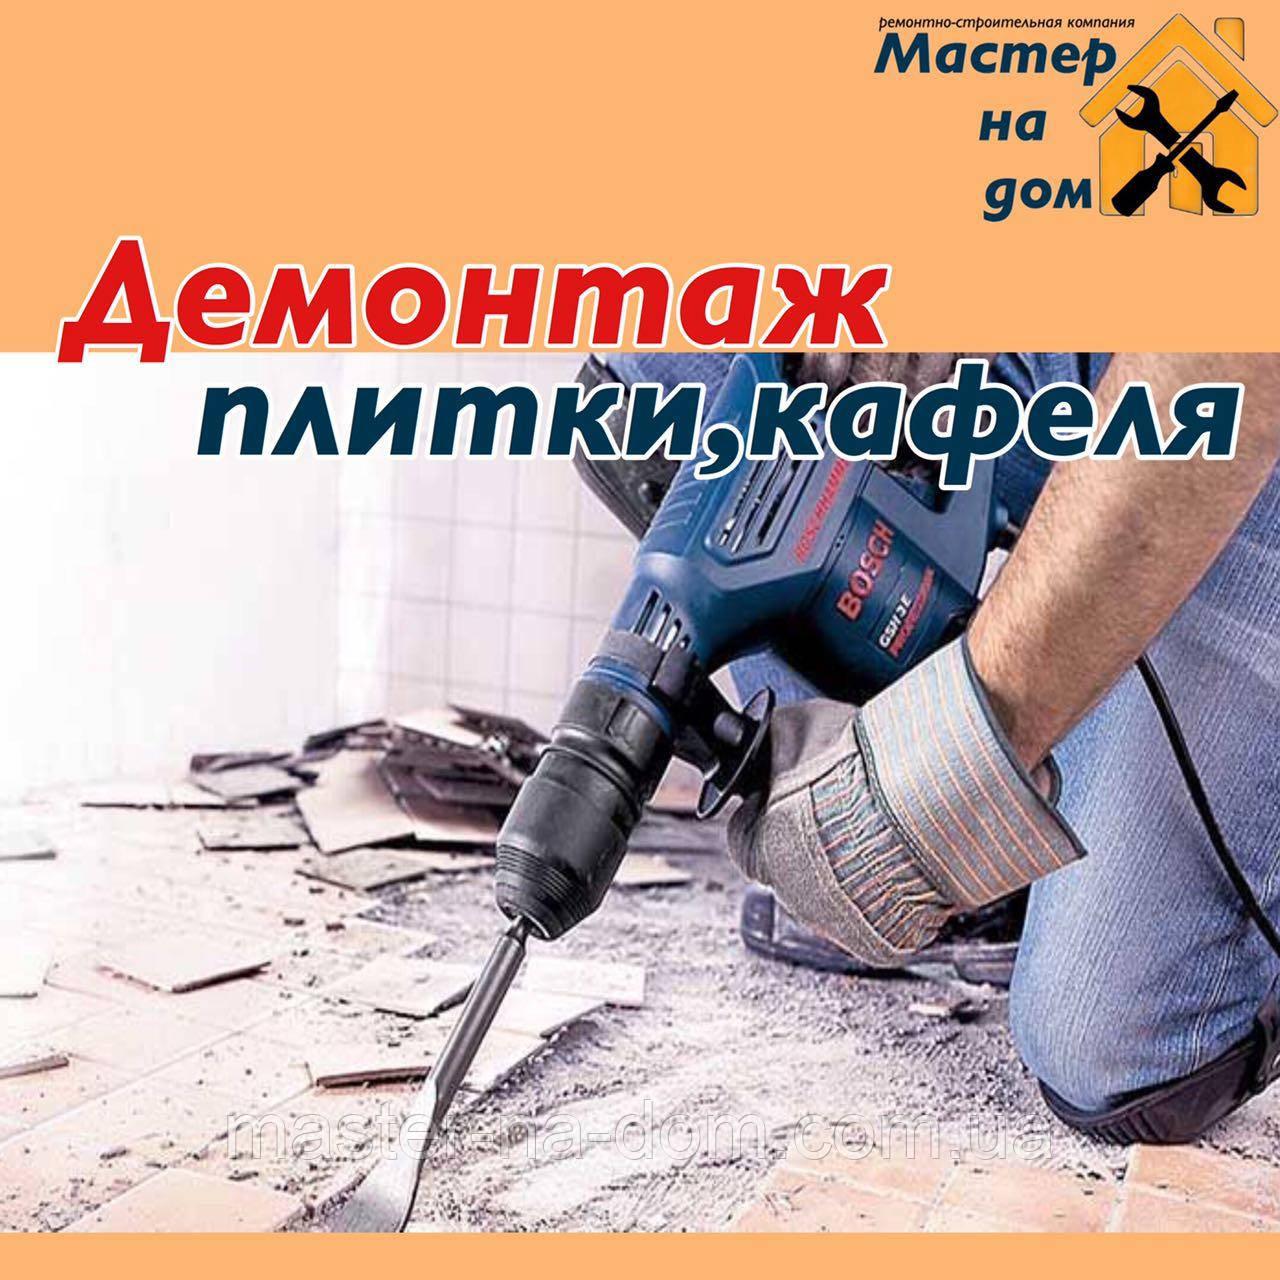 Демонтаж плитки, кафеля в Ужгороде